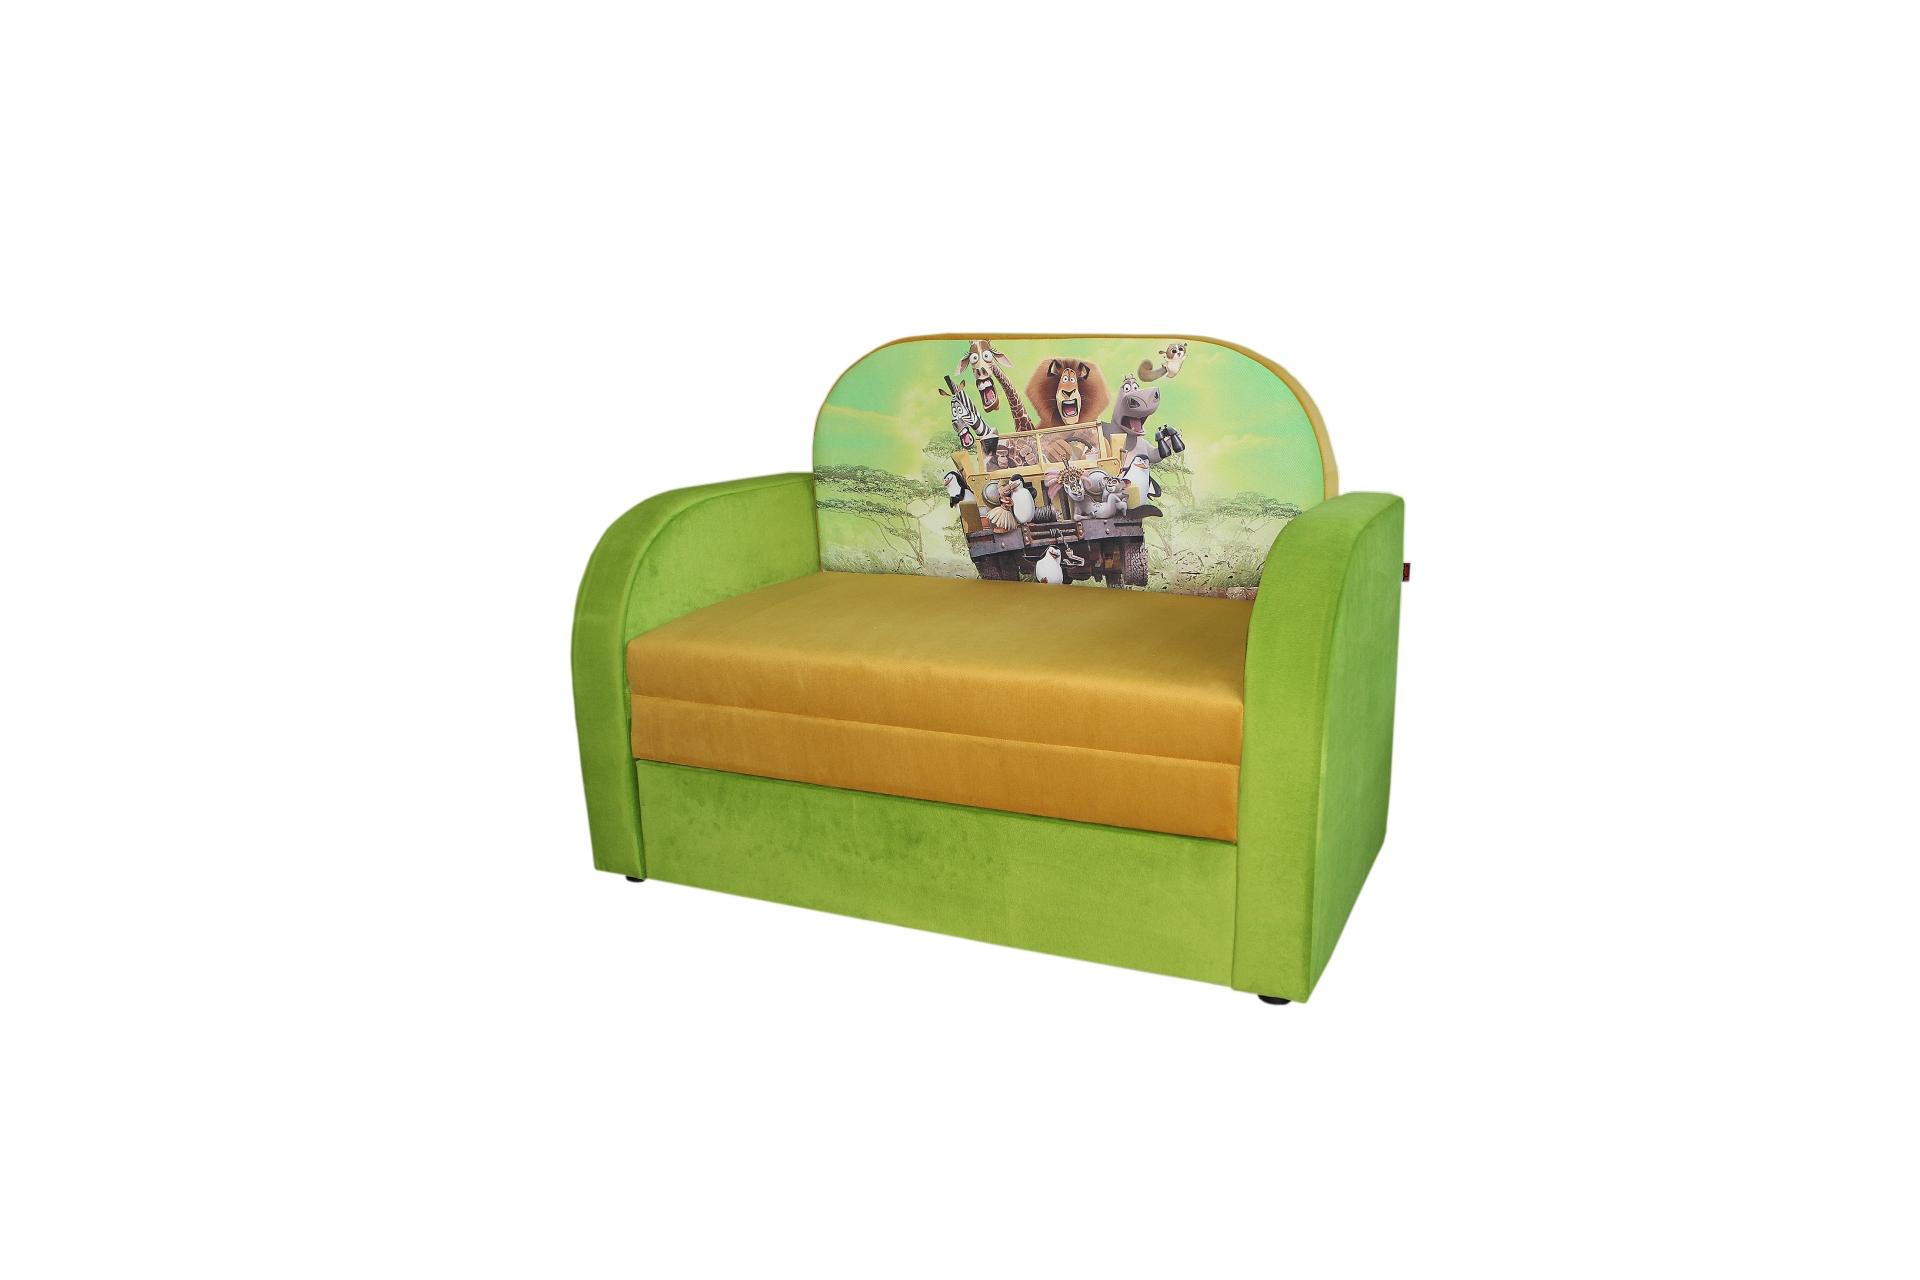 фабрика мебели харьков детская кровать эффективне против угрей